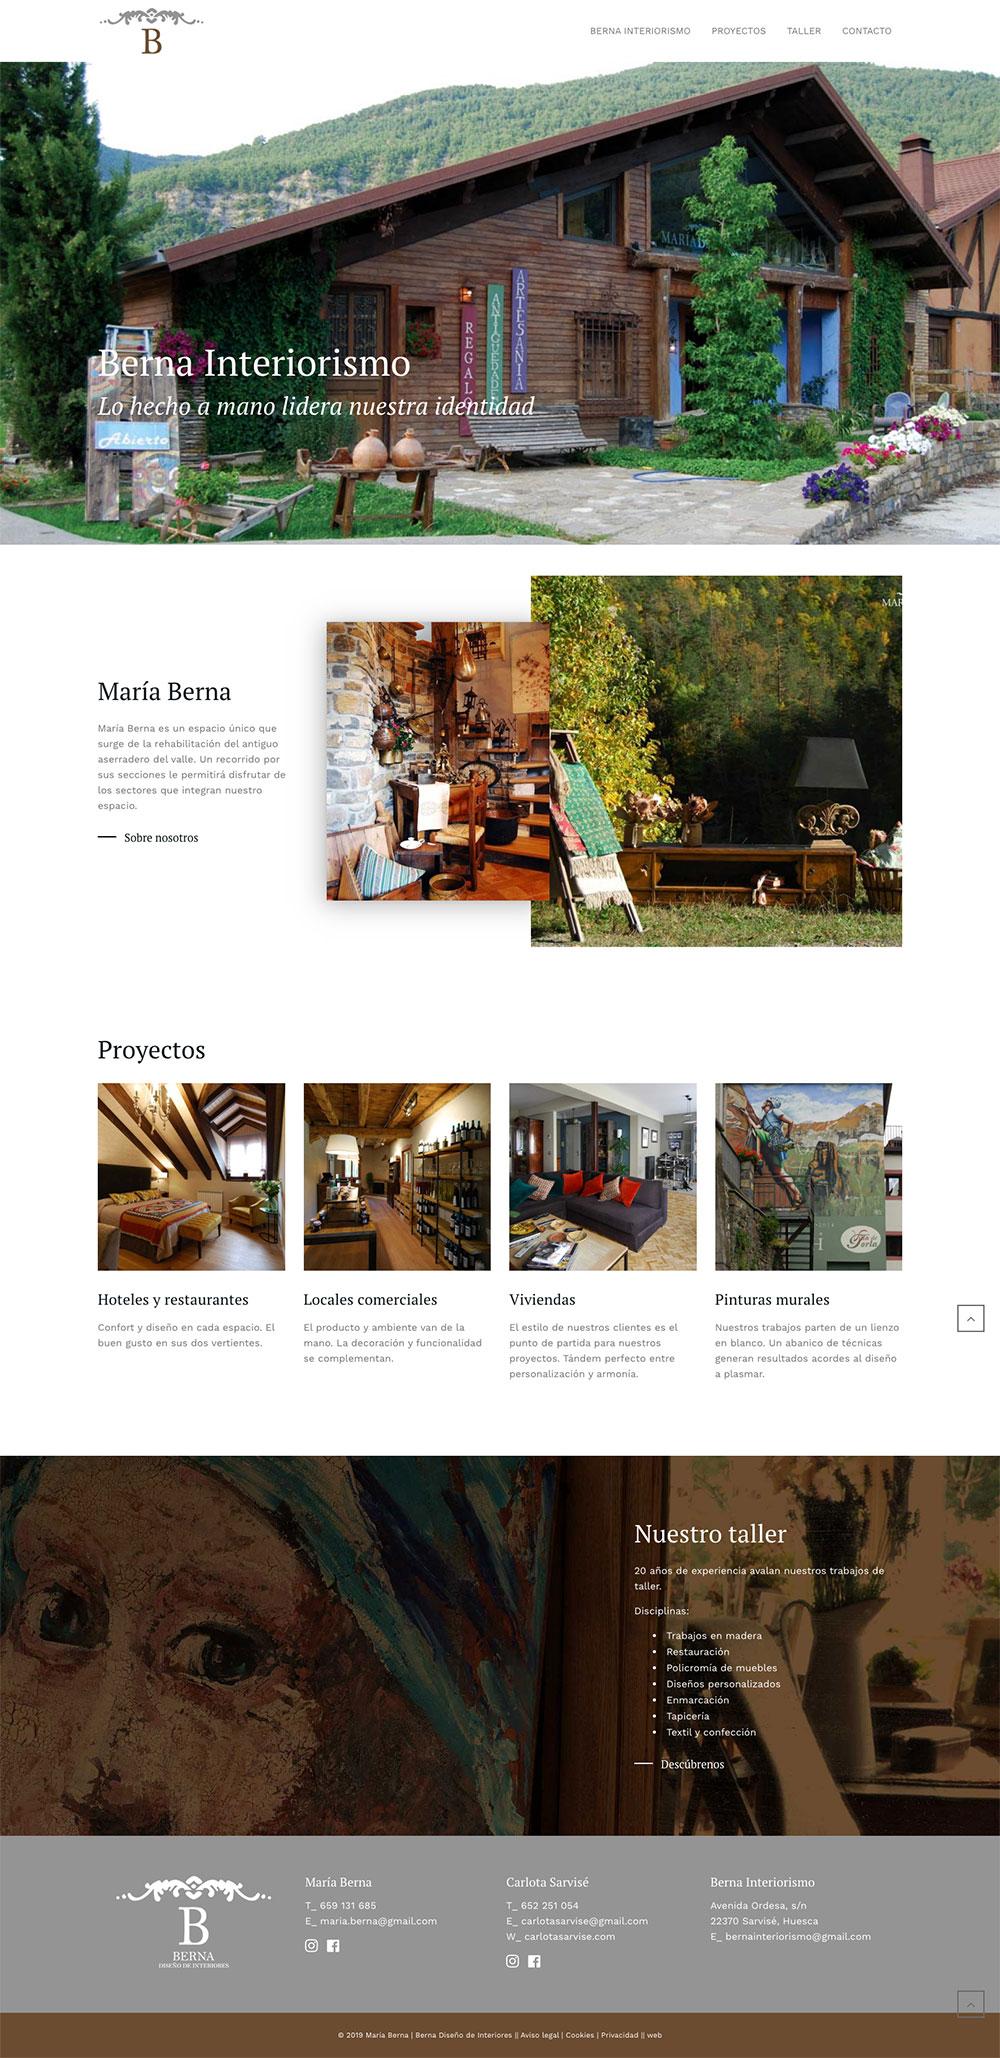 Berna Interiorismo ★ Diseño de interiores ★ Website